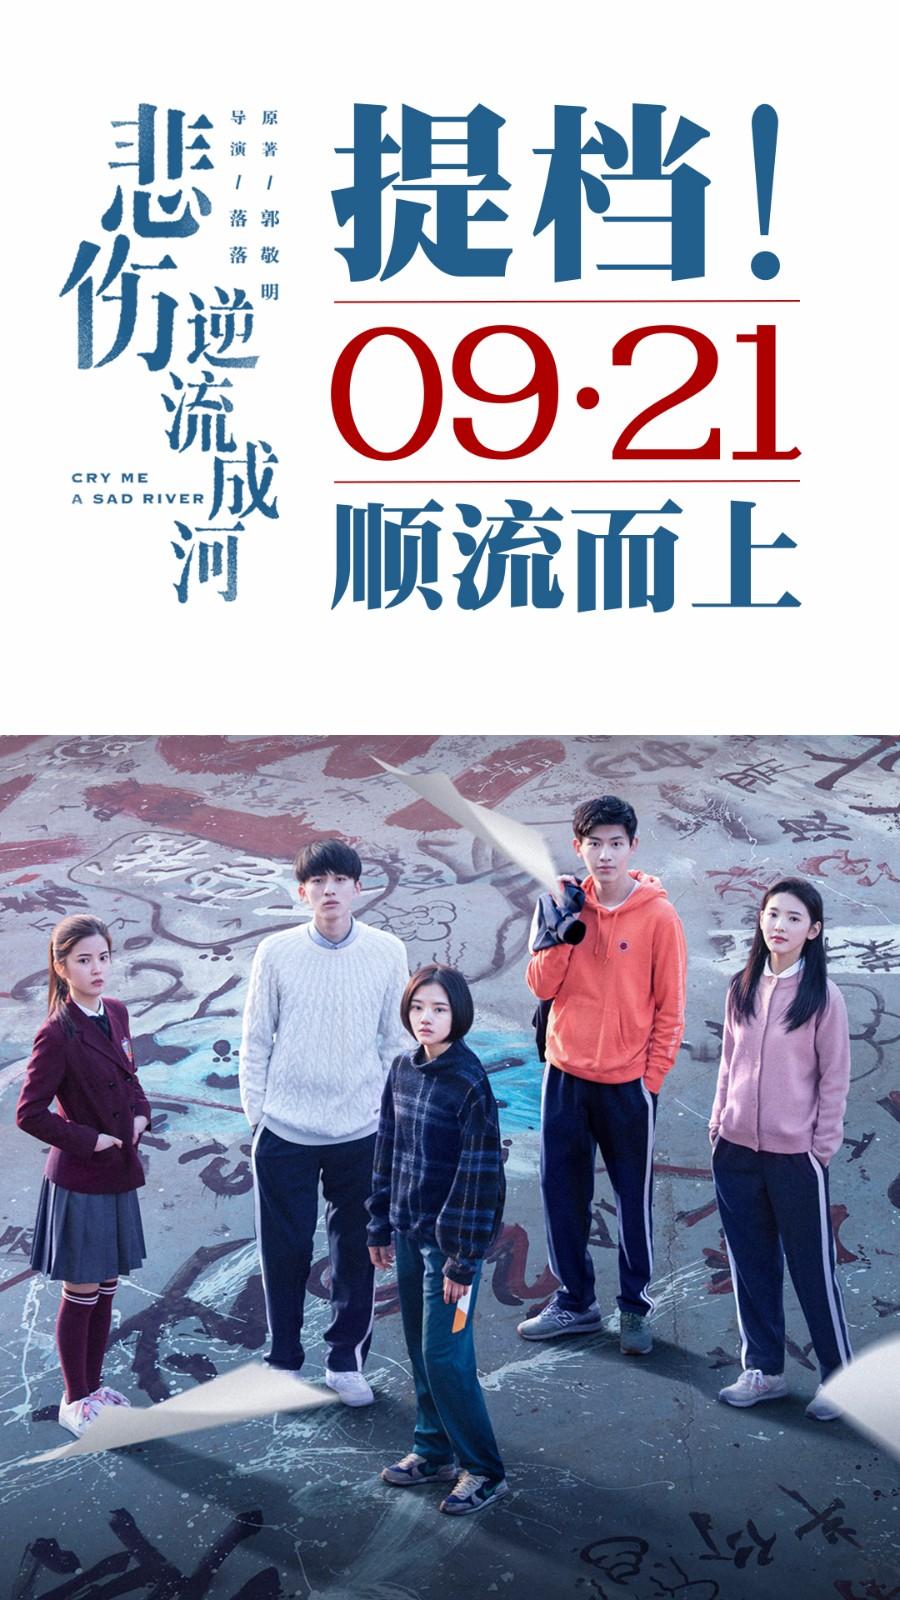 电影《悲伤逆流成河》正式提档9月21号提前温暖秋天